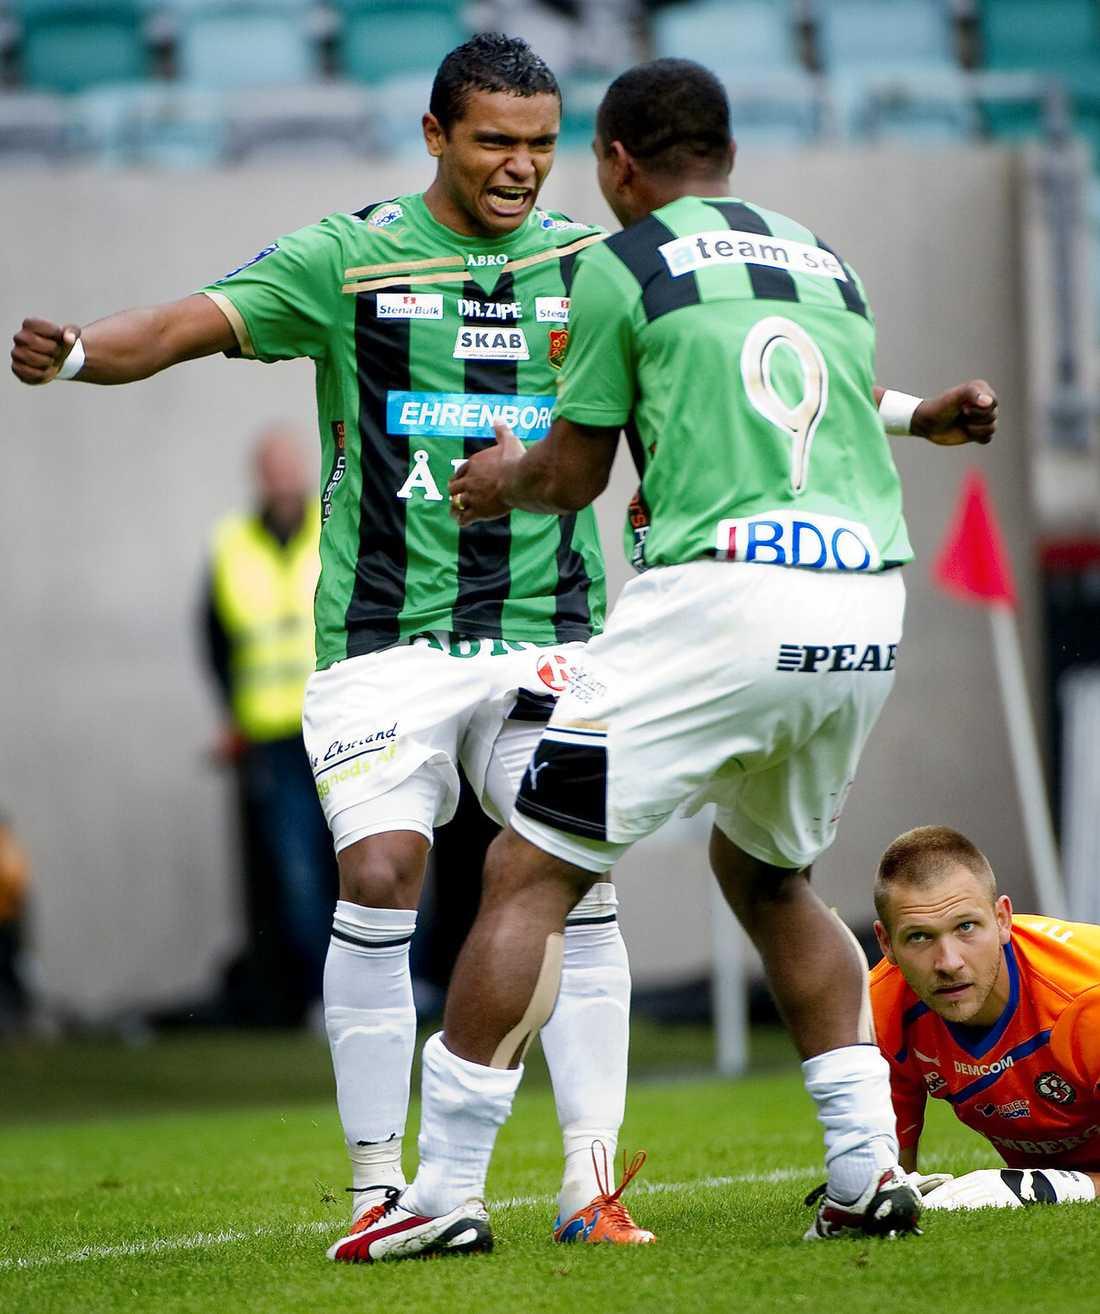 """Snart Återförenade? Wanderson och Helsingborgs Alvaro Santos spelade tillsammans i Gais. Nu håller Santos tummarna för att landsmännen ska få återförenas i HIF. """"Det hade varit en dröm"""", säger han."""